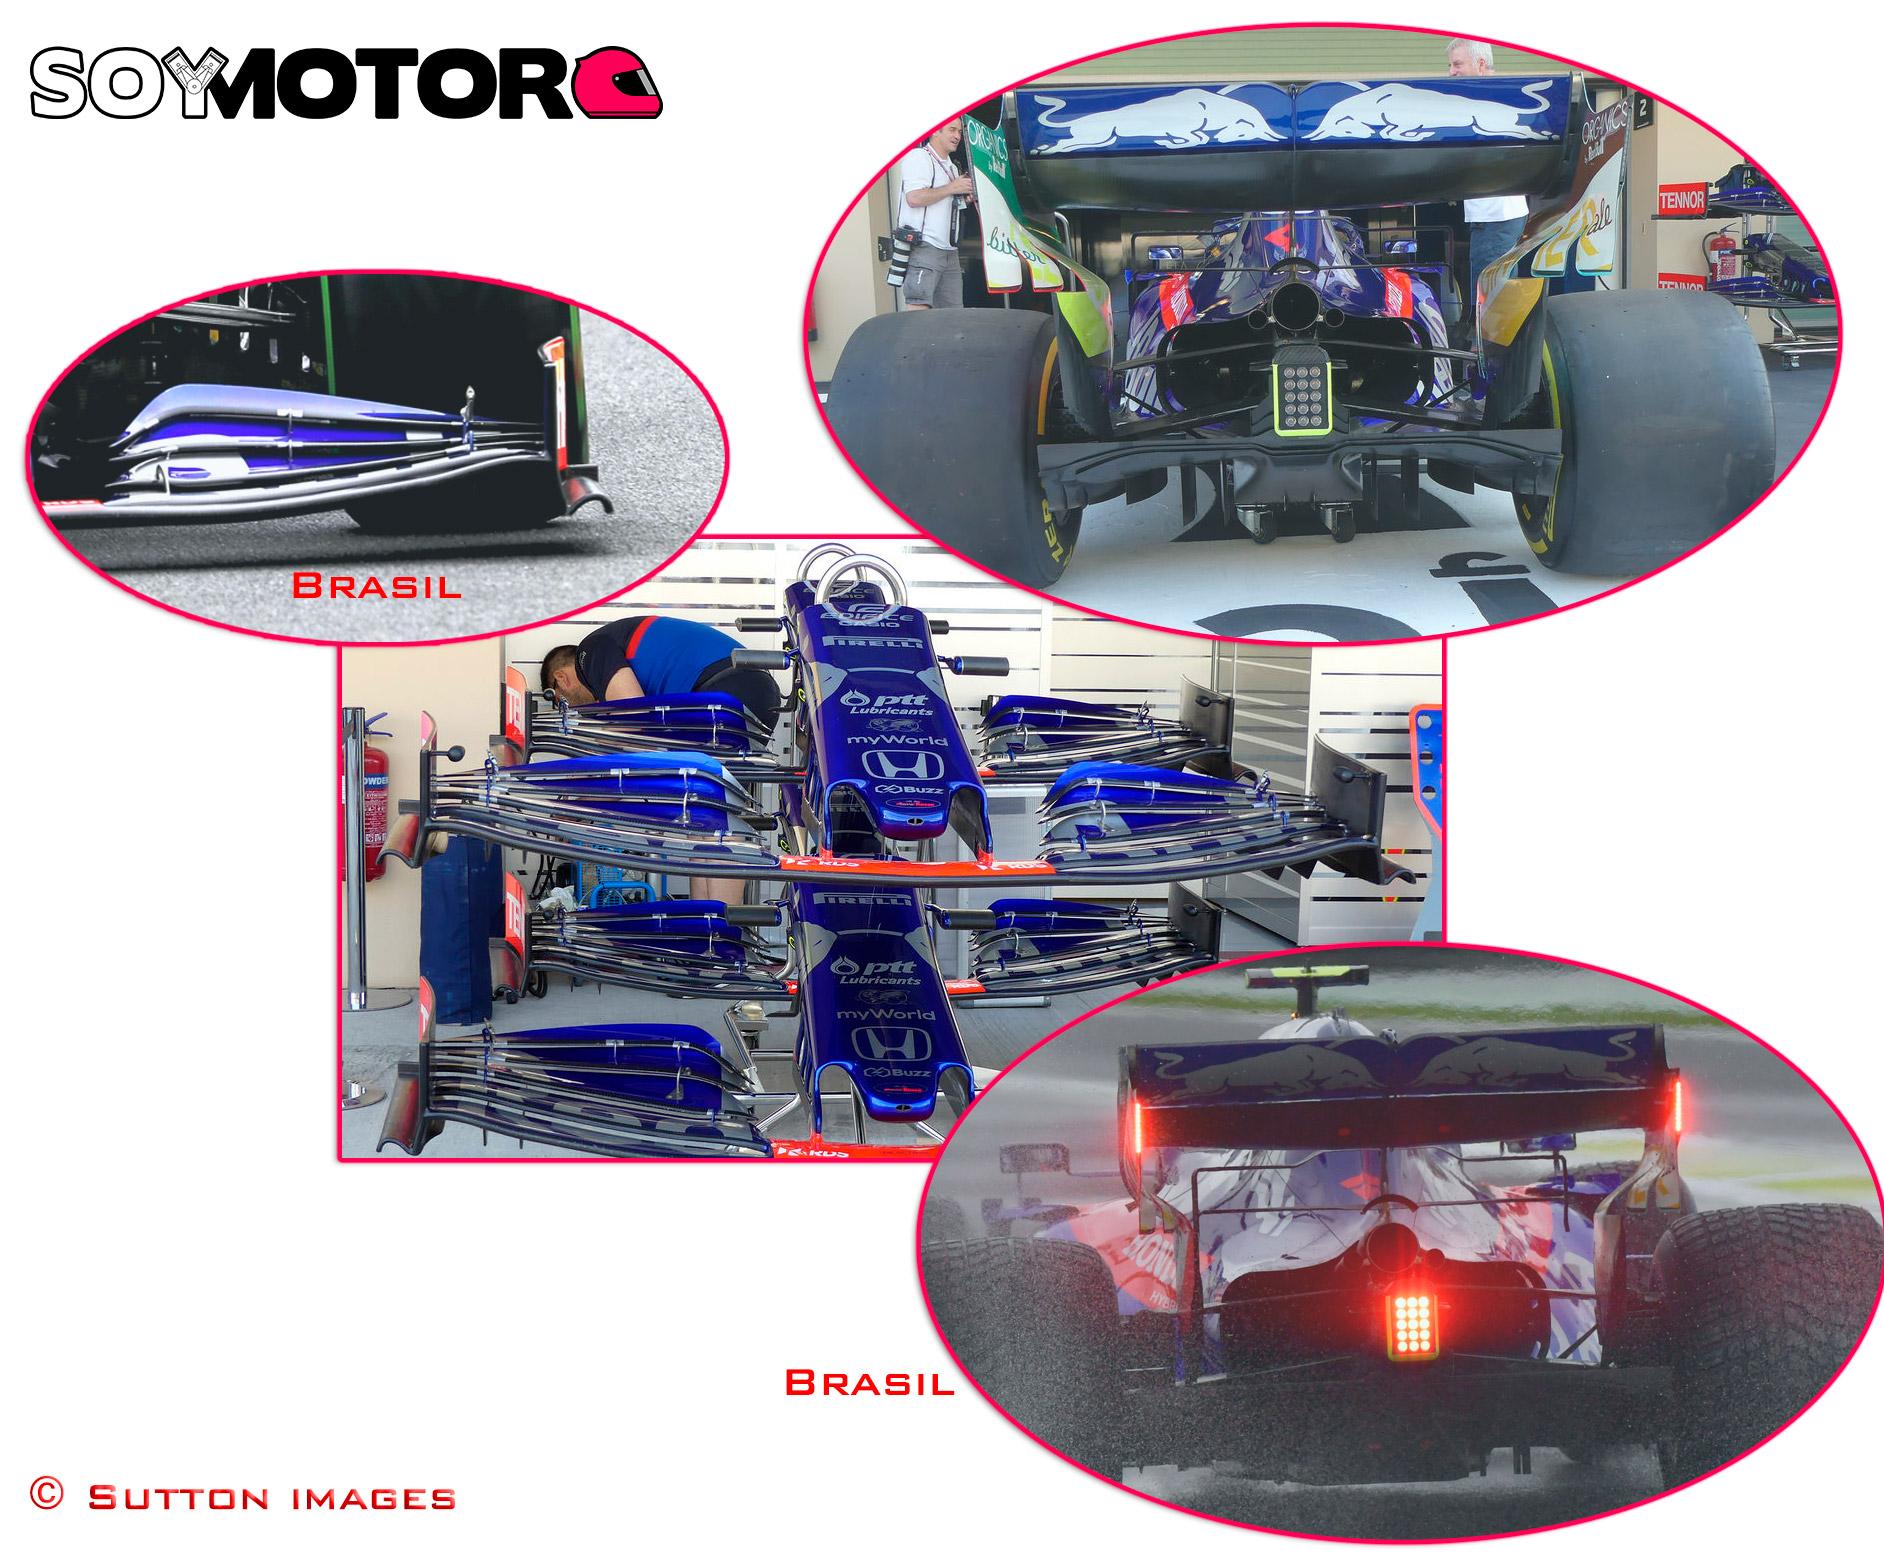 toro-rosso-config-delantera-y-trasera-soymotor.jpg